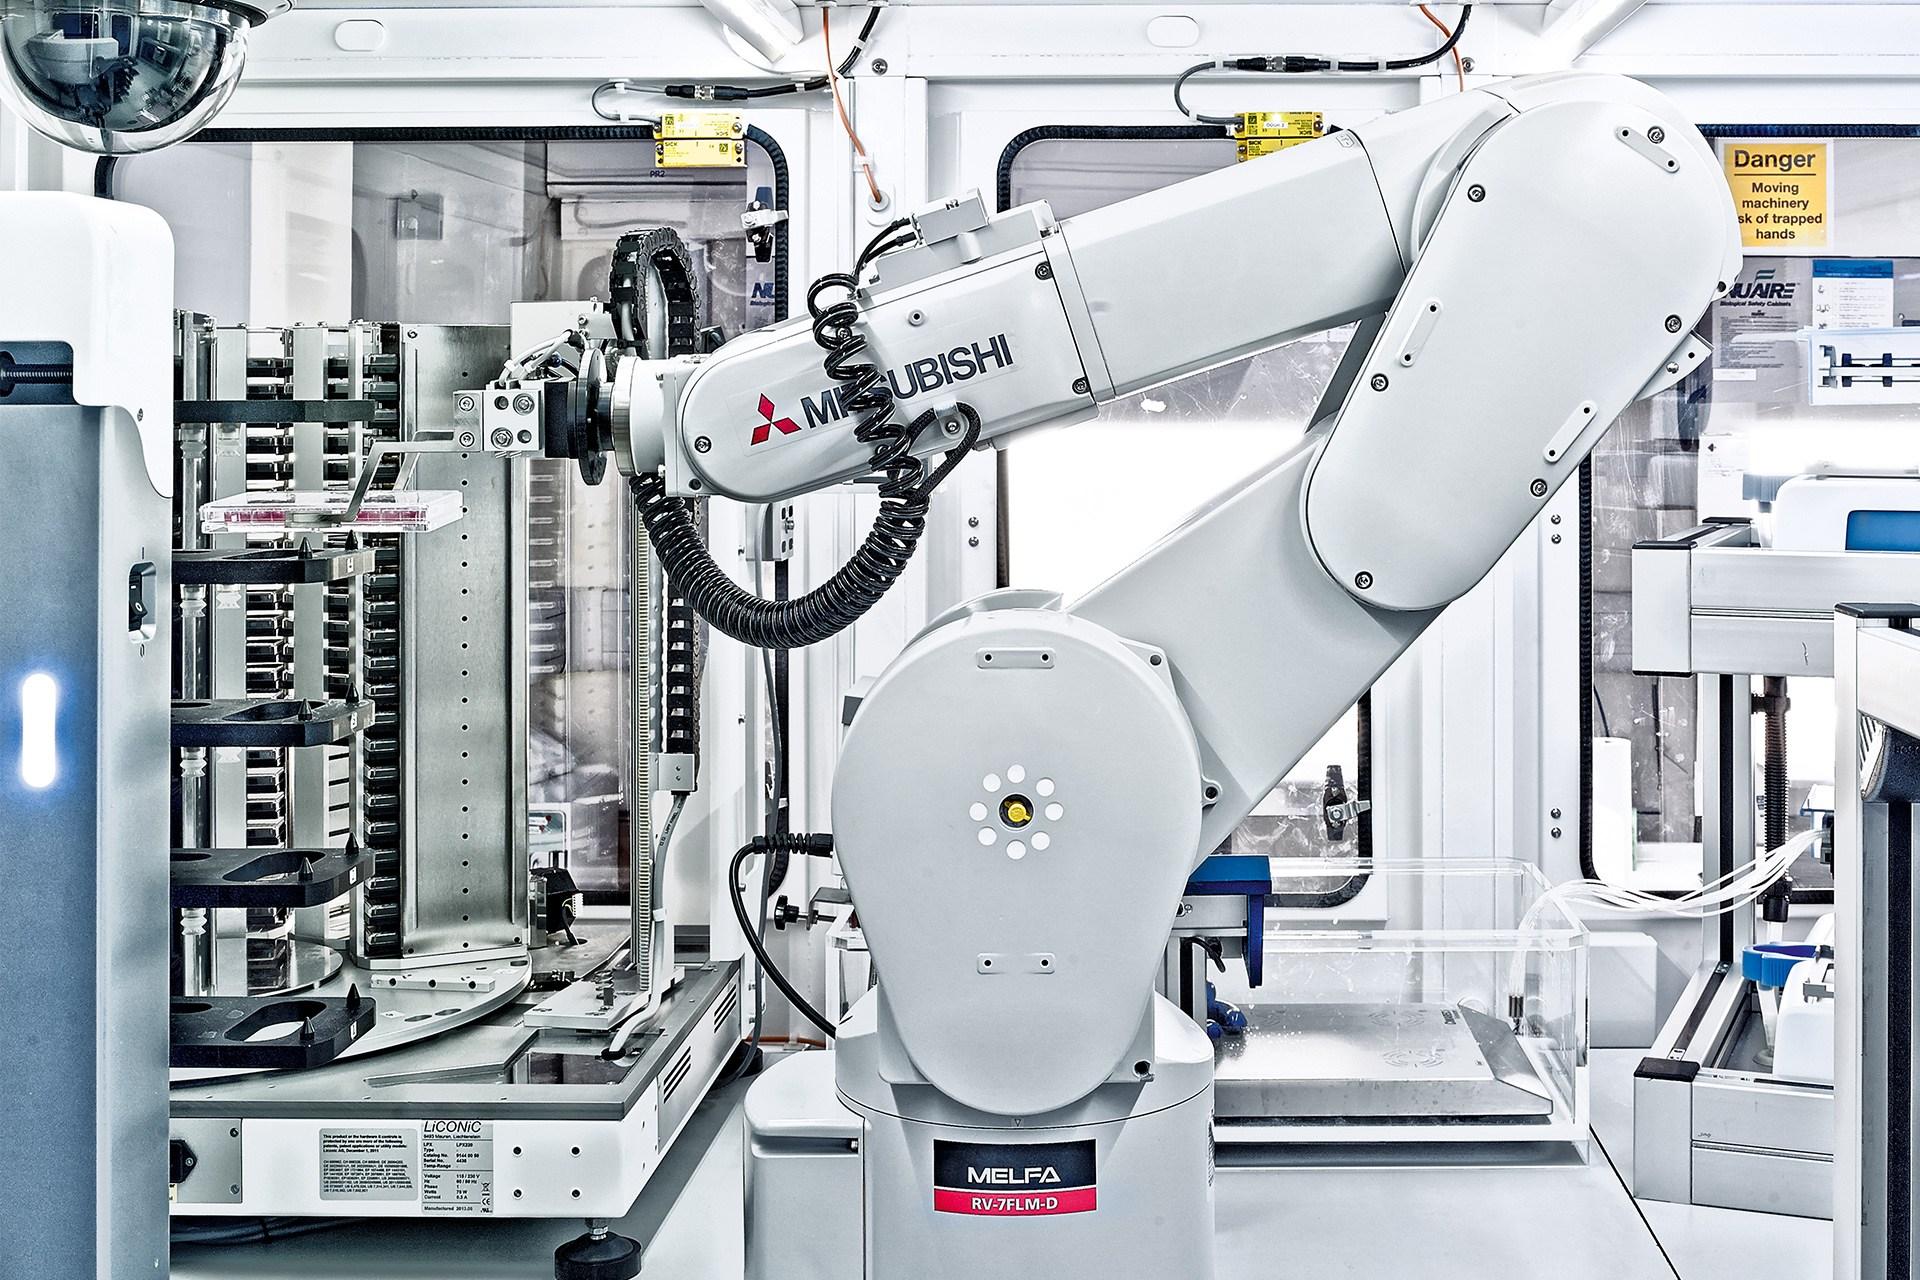 """Robot Mitsubishi pour """"salle blanche"""" exerçant dans un domaine médical,les modèles pour salles blanches se distinguent des robots standard par leur surface spécialement vernie et polie afin d'empêcher les dépôts de particules. Des joints modifiés permettent aussi d'éviter l'abrasion. Ces finitions sont nécessaires àl'installation des robots dans des environnements critiques propres àl'industrie alimentaire ou pharmaceutique.  Photographie:  Christoffer Rudquist"""